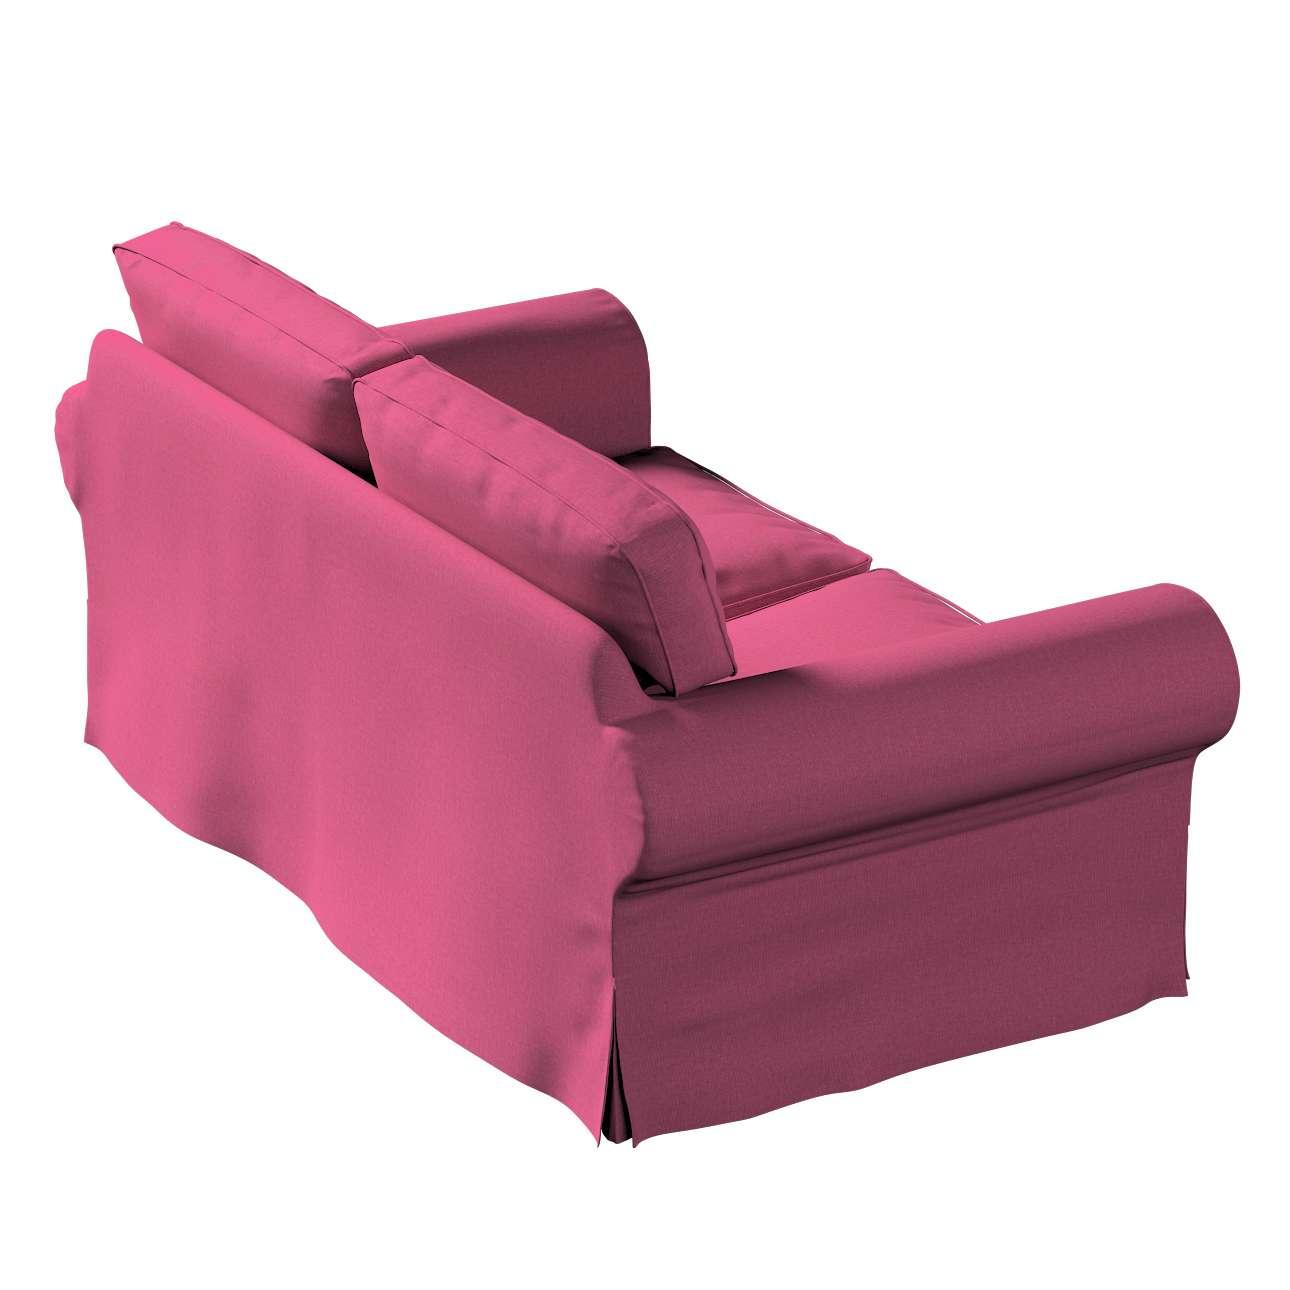 Poťah na sedačku Ektorp (nerozkladá sa, pre 2 osoby) V kolekcii Living, tkanina: 160-44